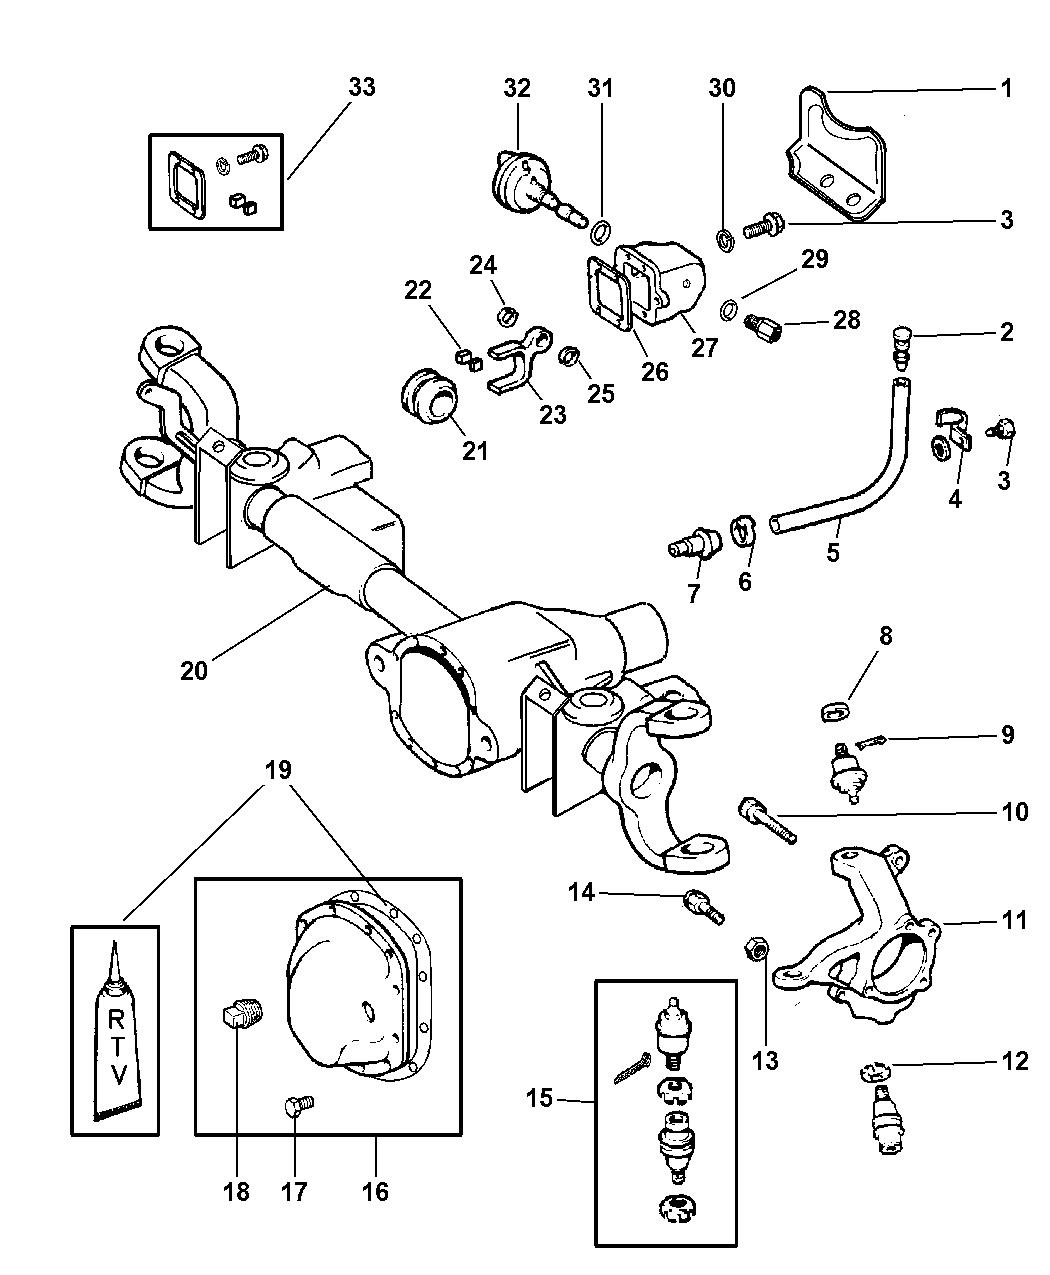 1998 Dodge Ram 1500 Front Suspension Diagram - Hanenhuusholli